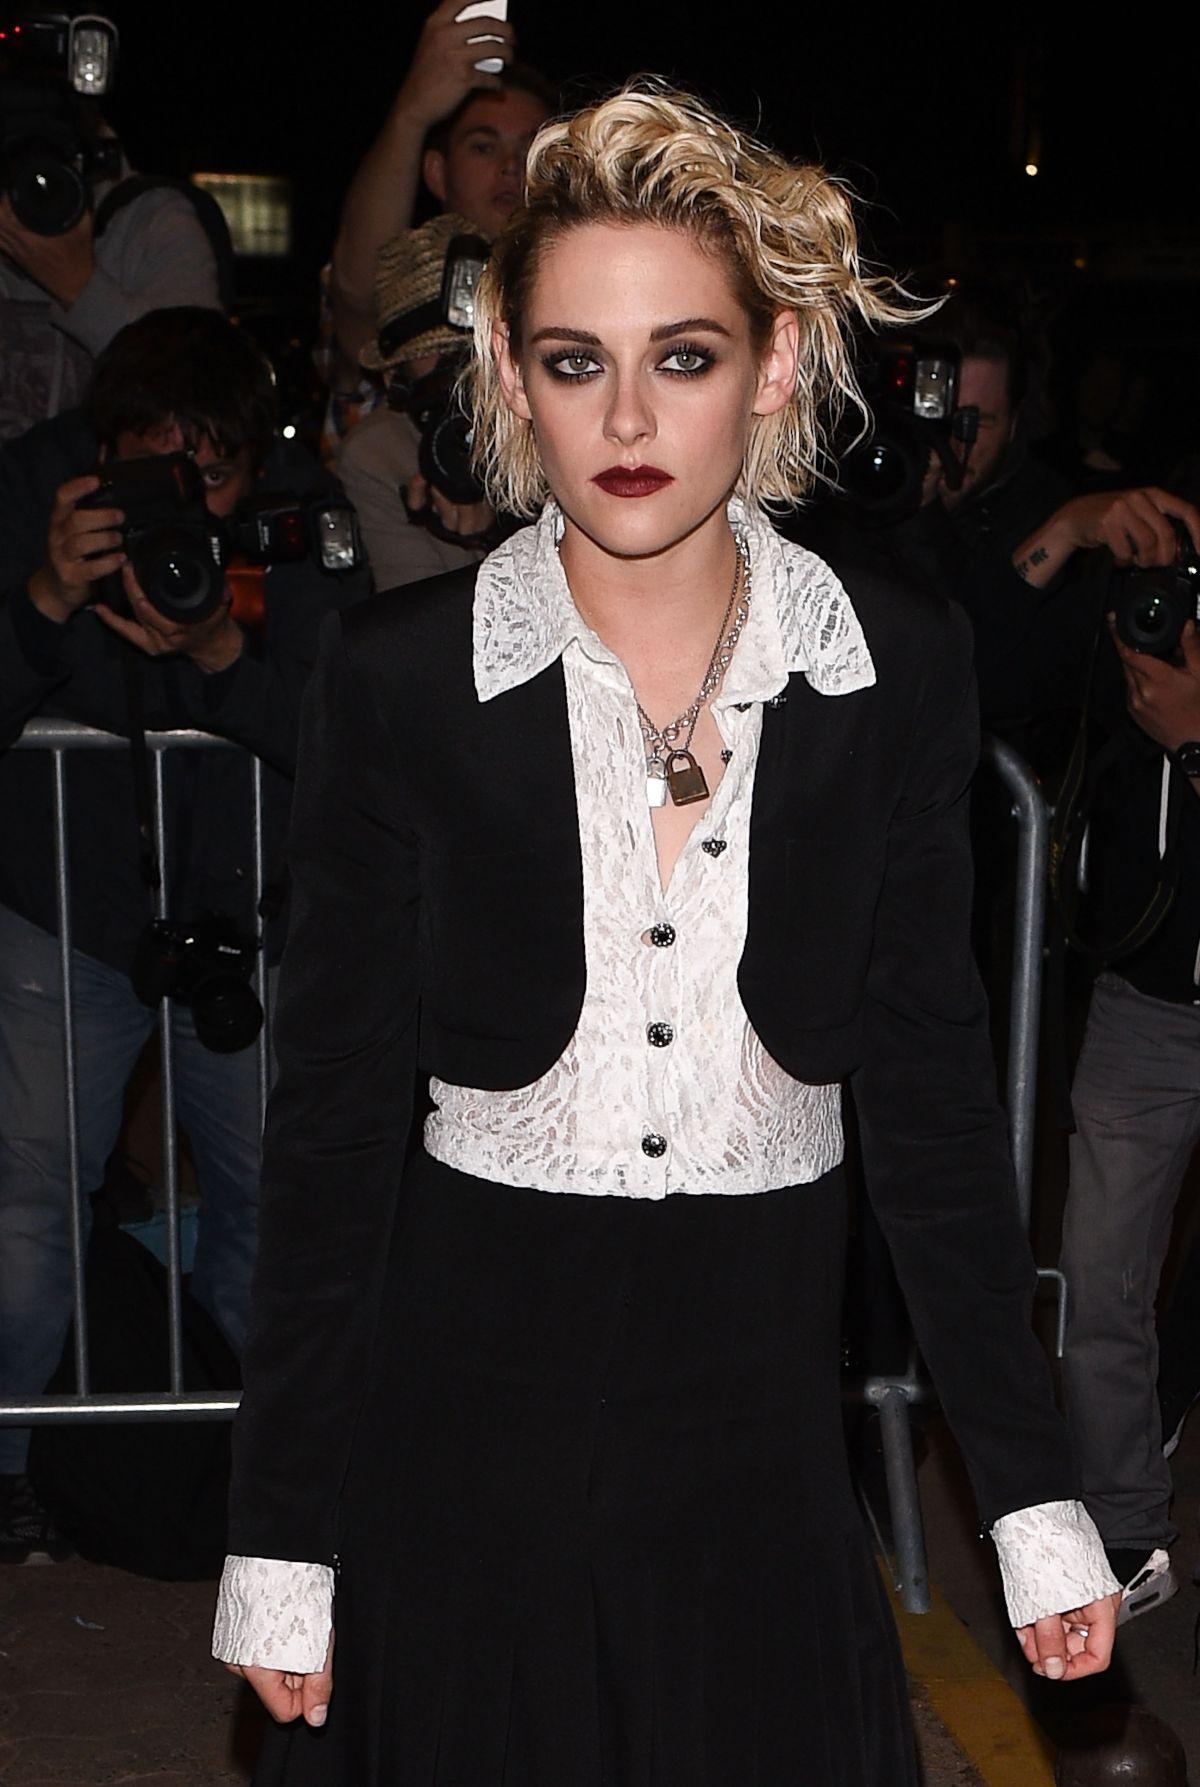 KRISTEN STEWART at Vanity Fair Chanel Dinner in Cannes 05/12/2016